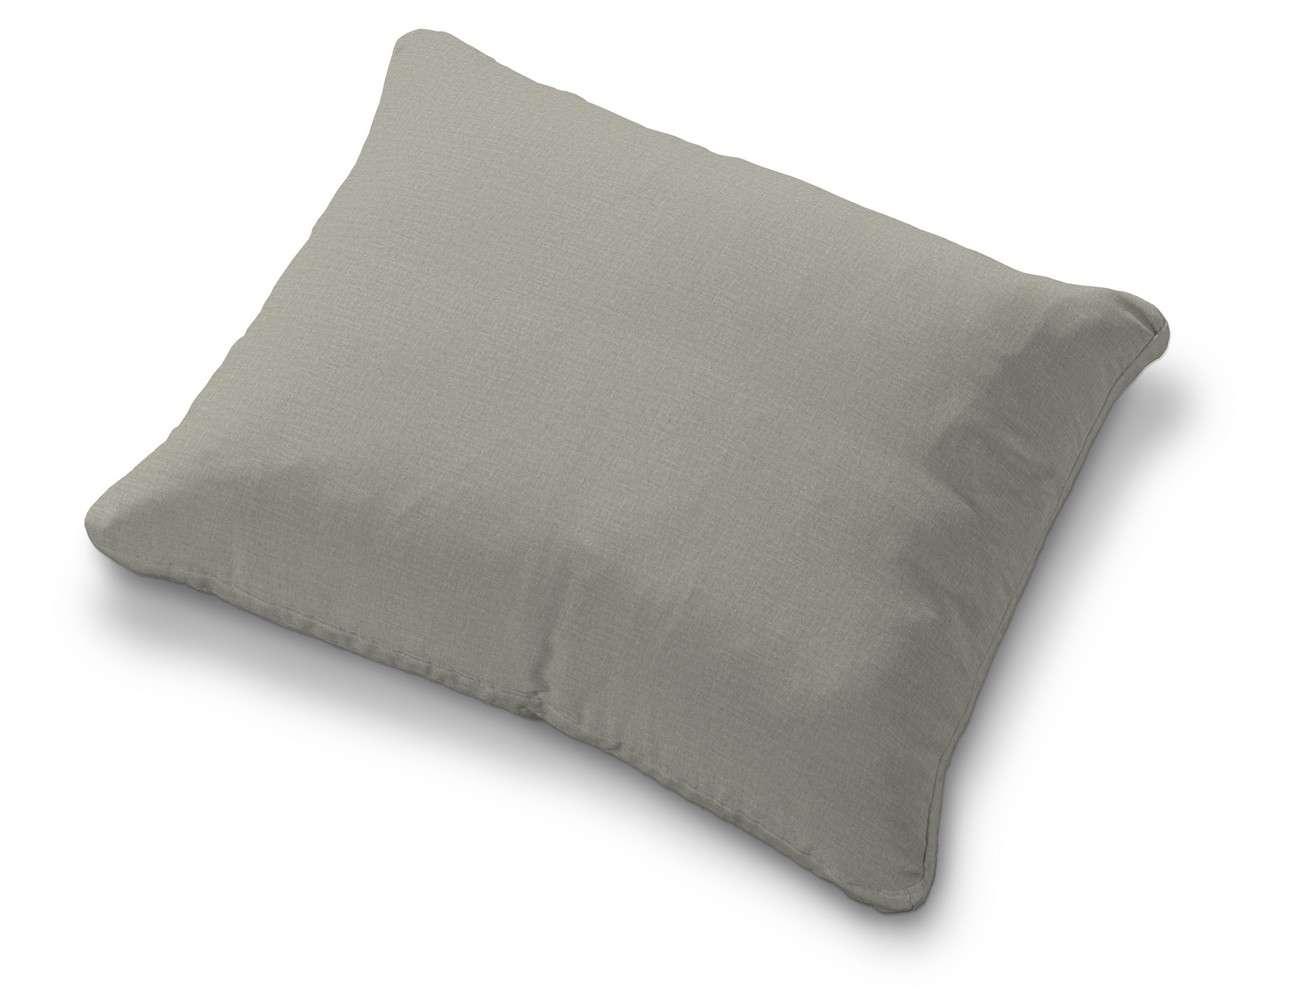 Poszewka na poduszkę Karlstad 58x48cm w kolekcji Ingrid, tkanina: 705-41